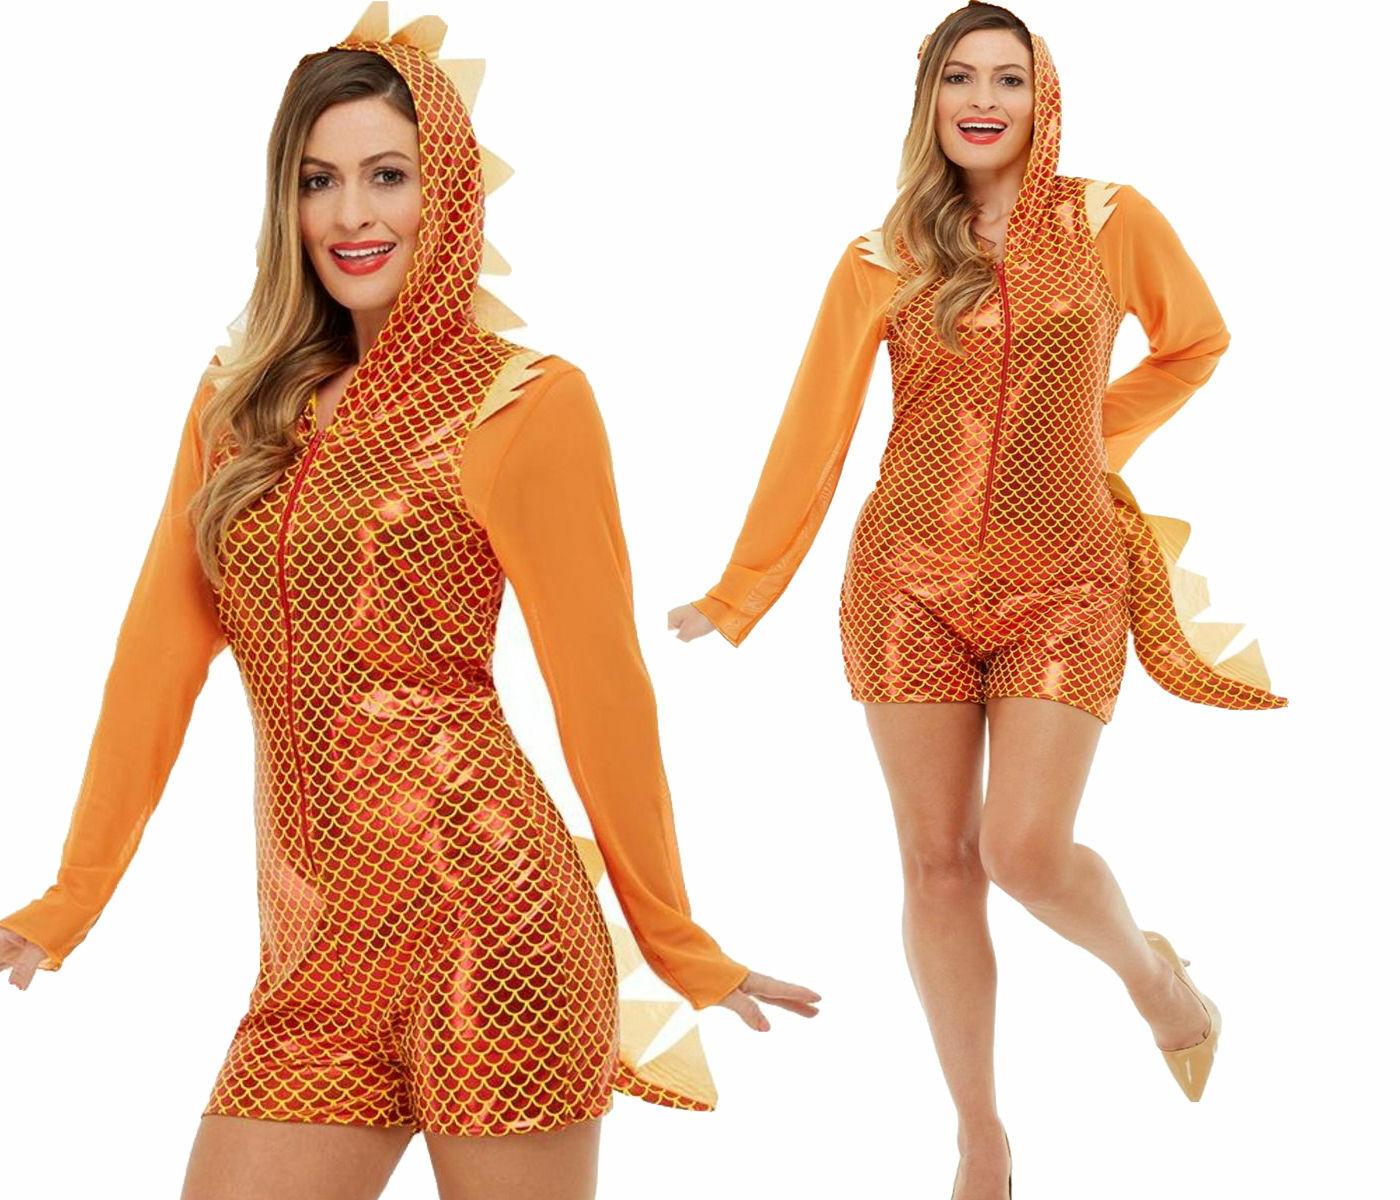 Dragon Costume Mythical Creature Fancy Dress Outfit TV Film Film Film Dragon Orange | Verschiedene Waren  | Diversified In Packaging  | Konzentrieren Sie sich auf das Babyleben  6574d7